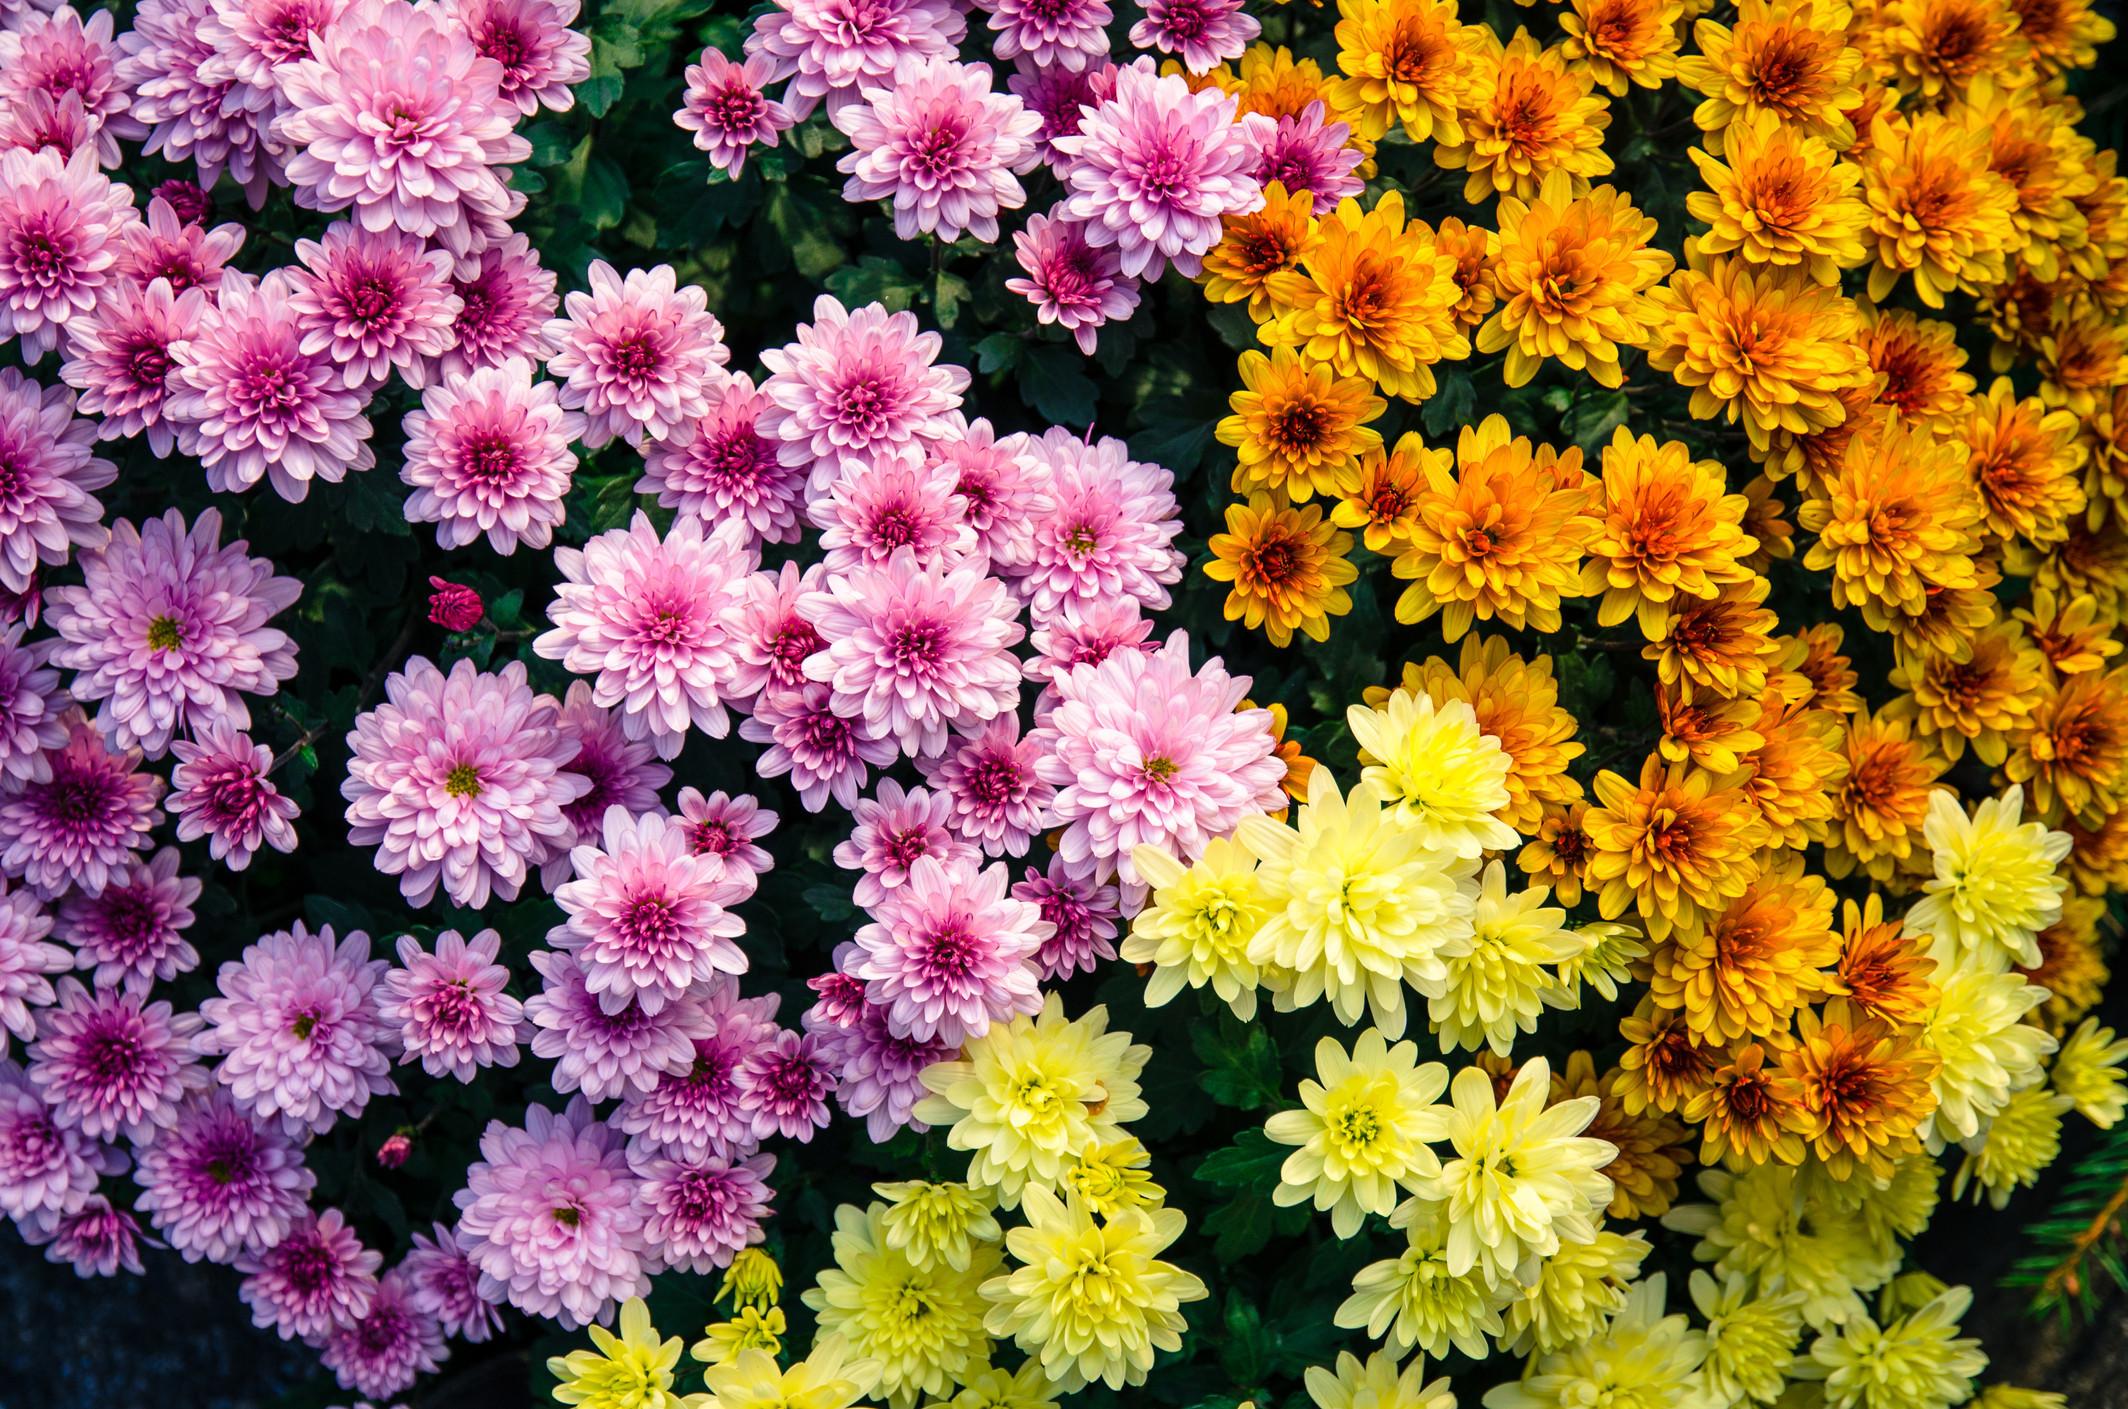 Descubra as origens e significados dos nomes das flores